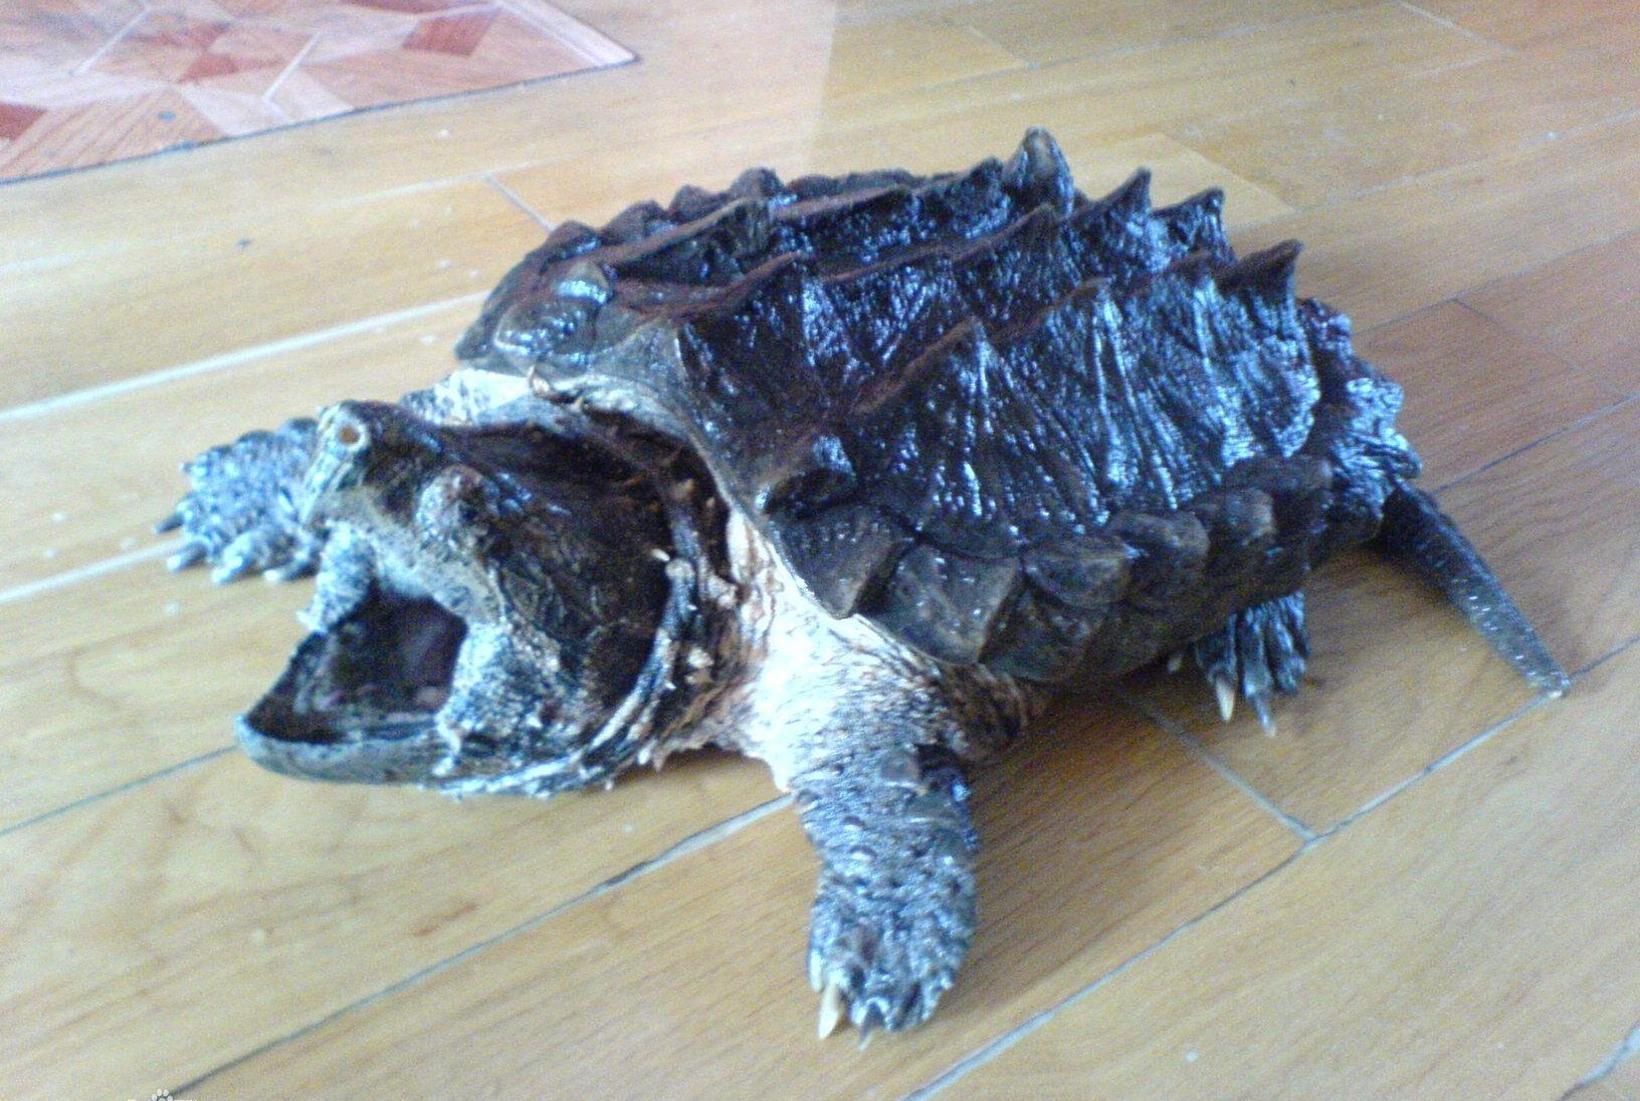 鳄龟尾巴尖断了多久可以恢复